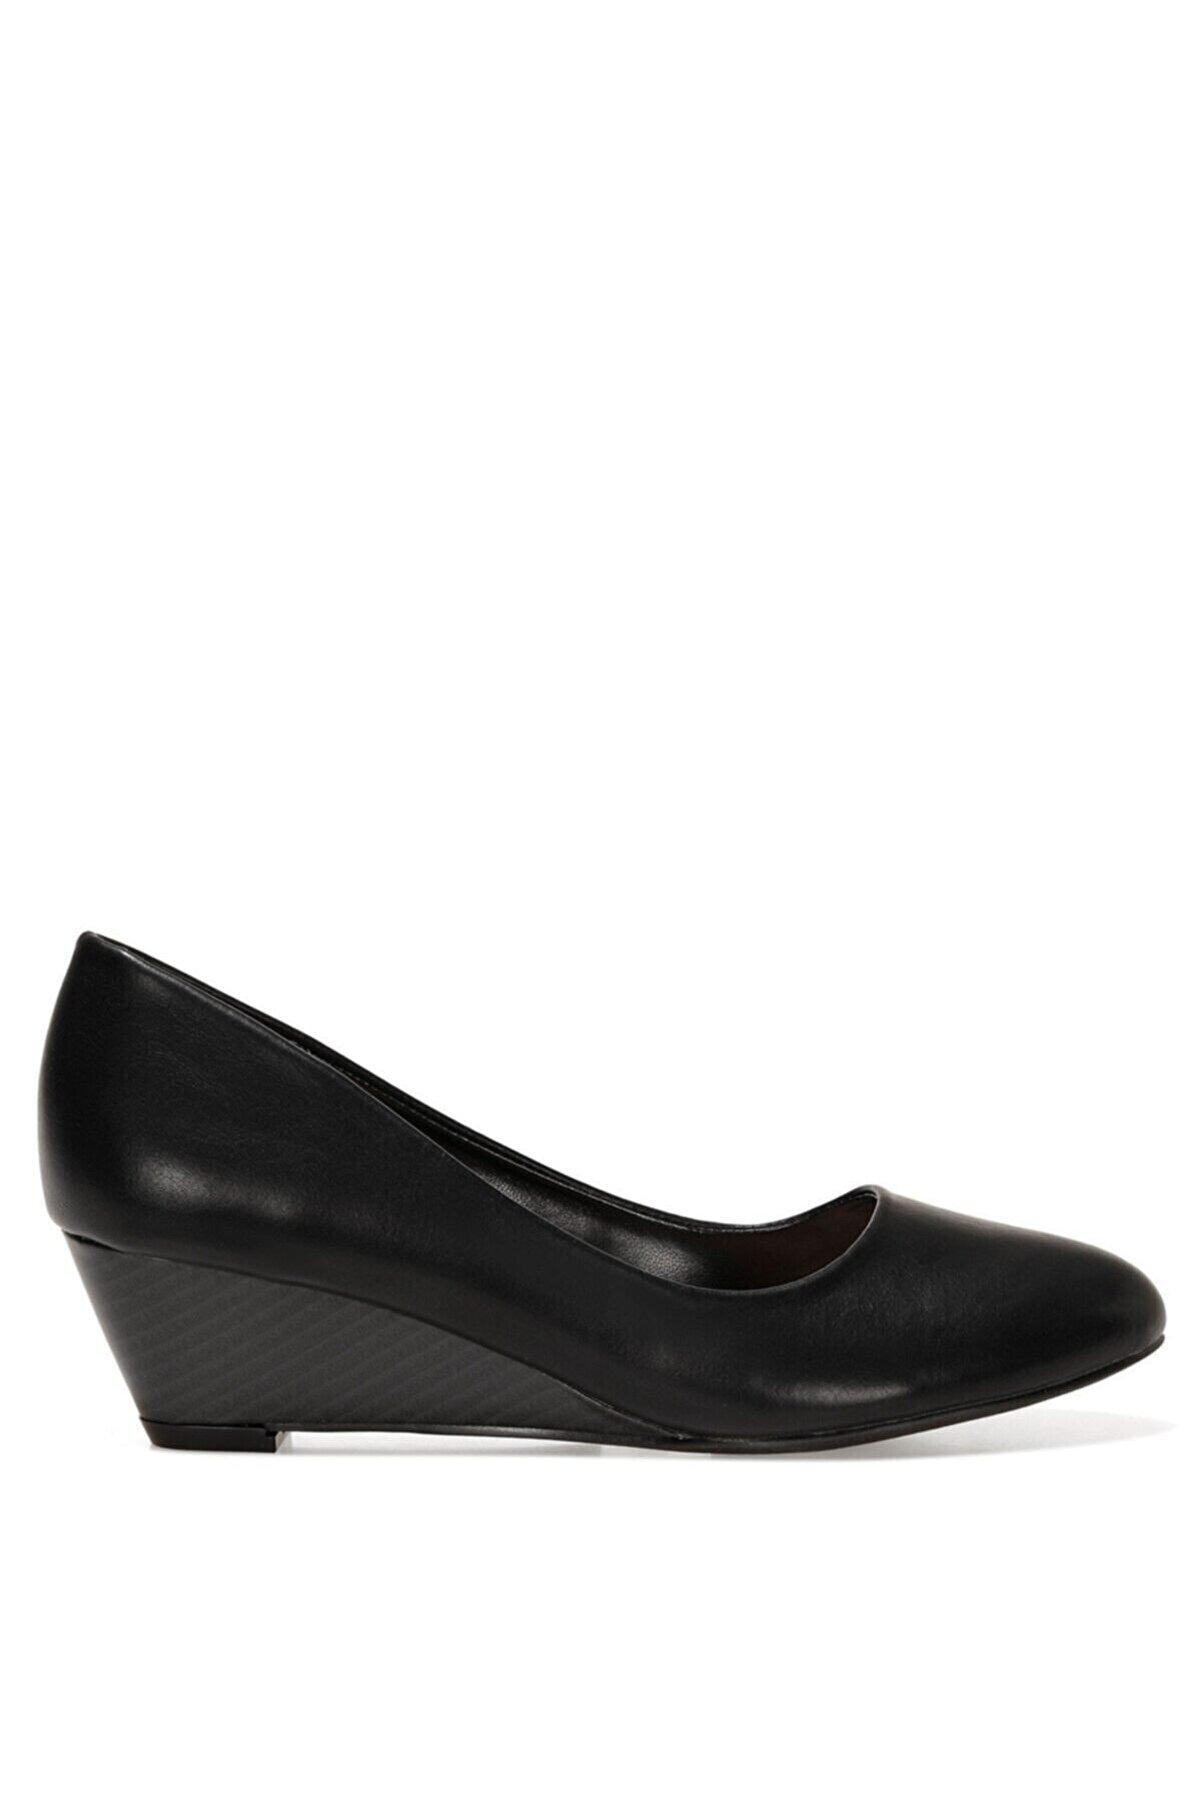 Nine West LICLA2 1FX Siyah Kadın Dolgu Topuklu Ayakkabı 101029385